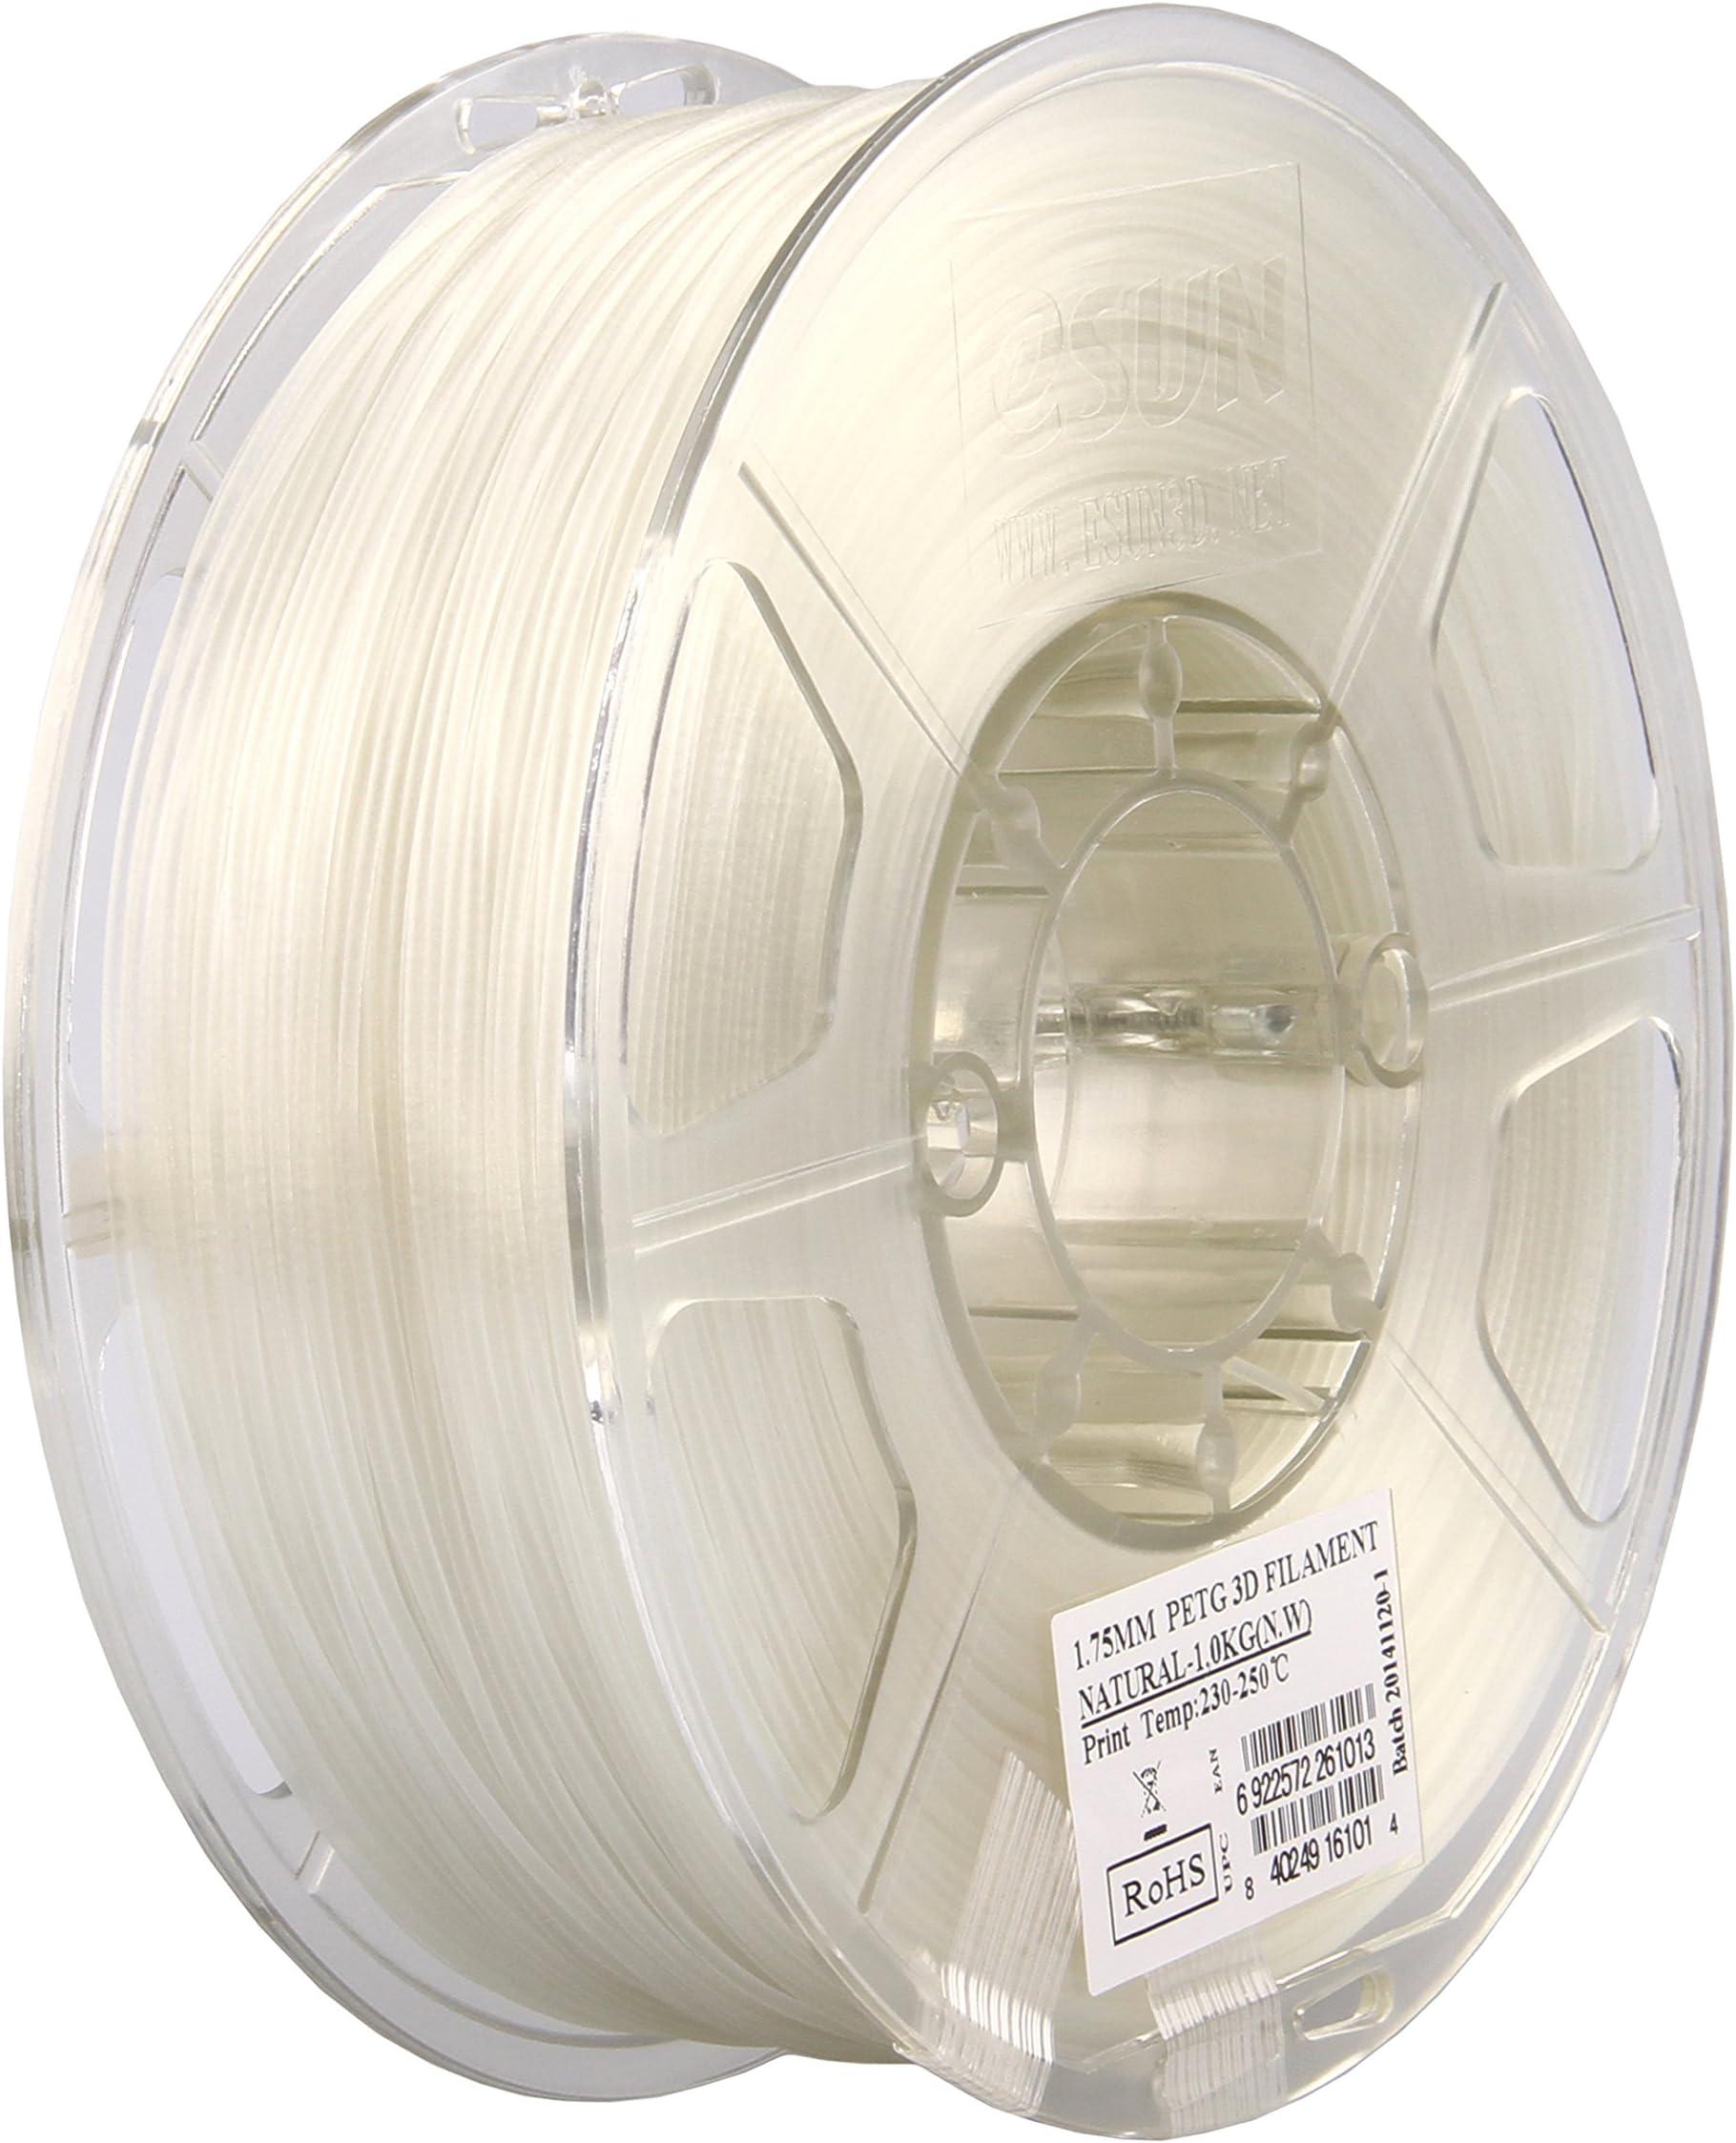 eSUN 3D 1.75mm PETG Natural Filament 1kg (2.2lb), PETG 3D Printer Filament, Semi-Transparent 1.75mm Natural